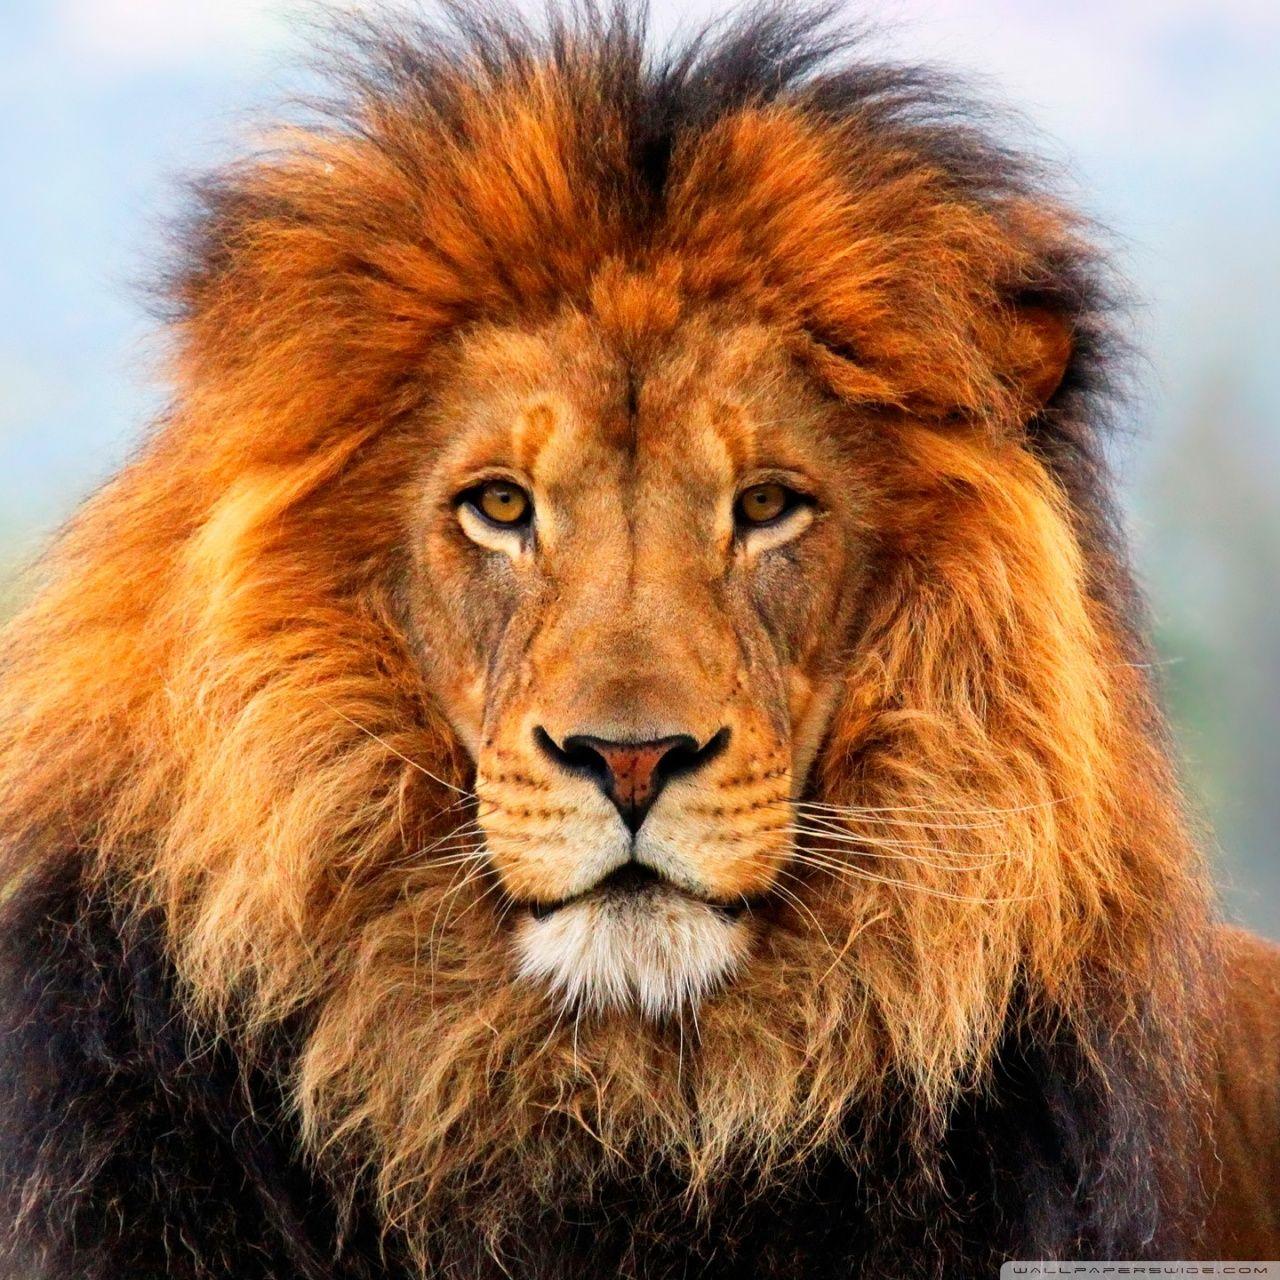 Lion Live Wallpaper Hd Download Lion Live Wallpaper Hd 1 0 Lion Pictures Beautiful Lion African Lion